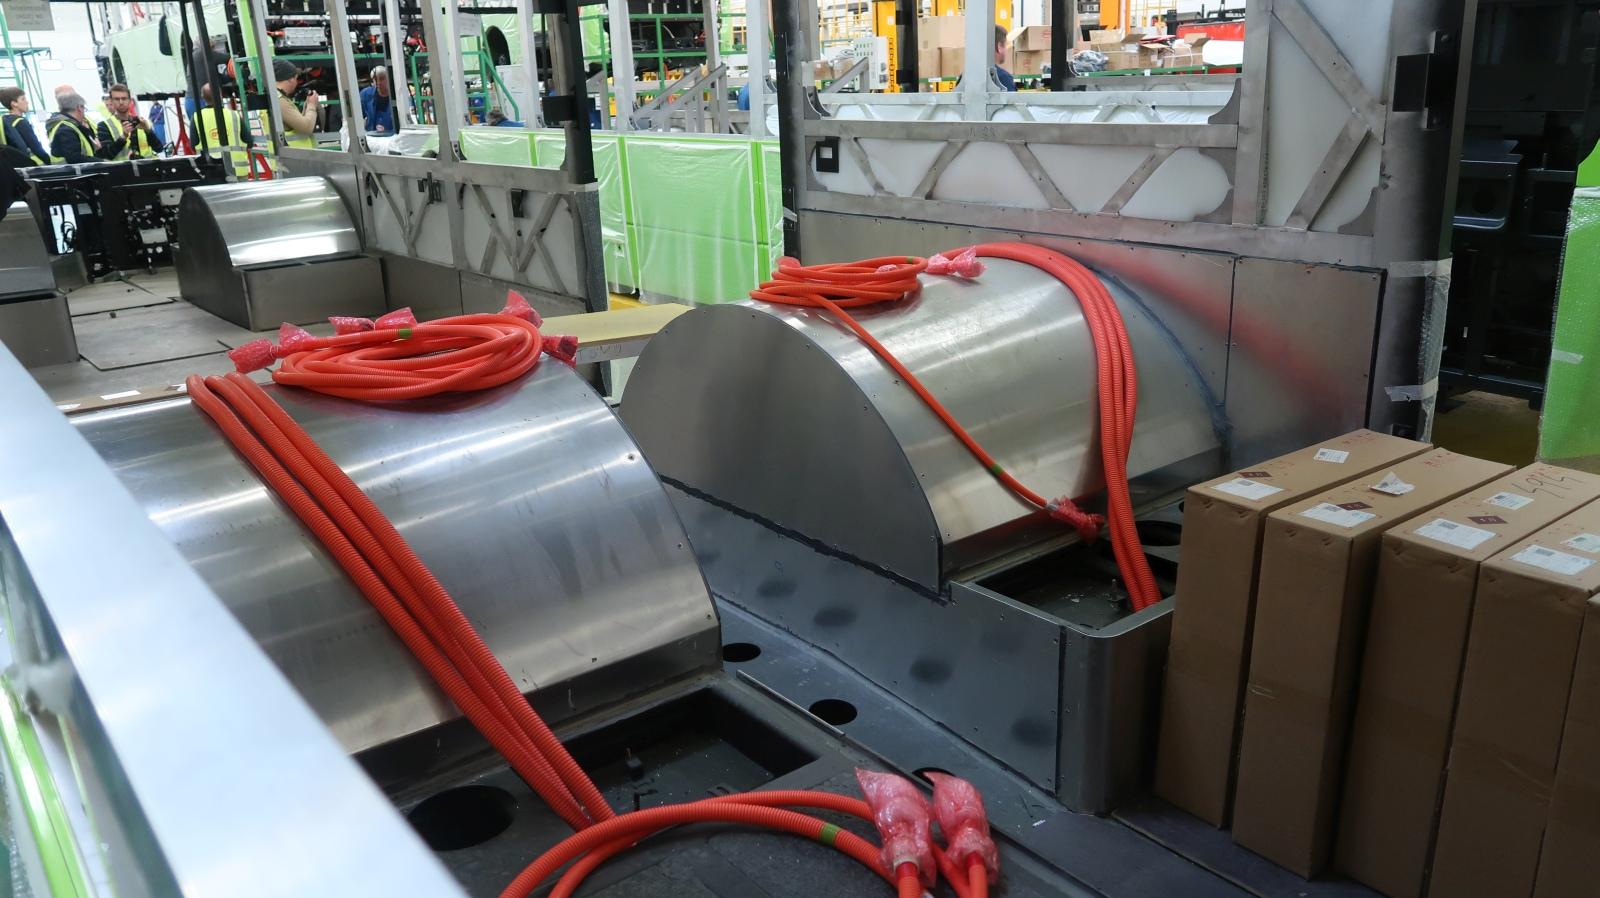 A kerékagymotoros tengelyhez az erősáramú kábelek bekötése